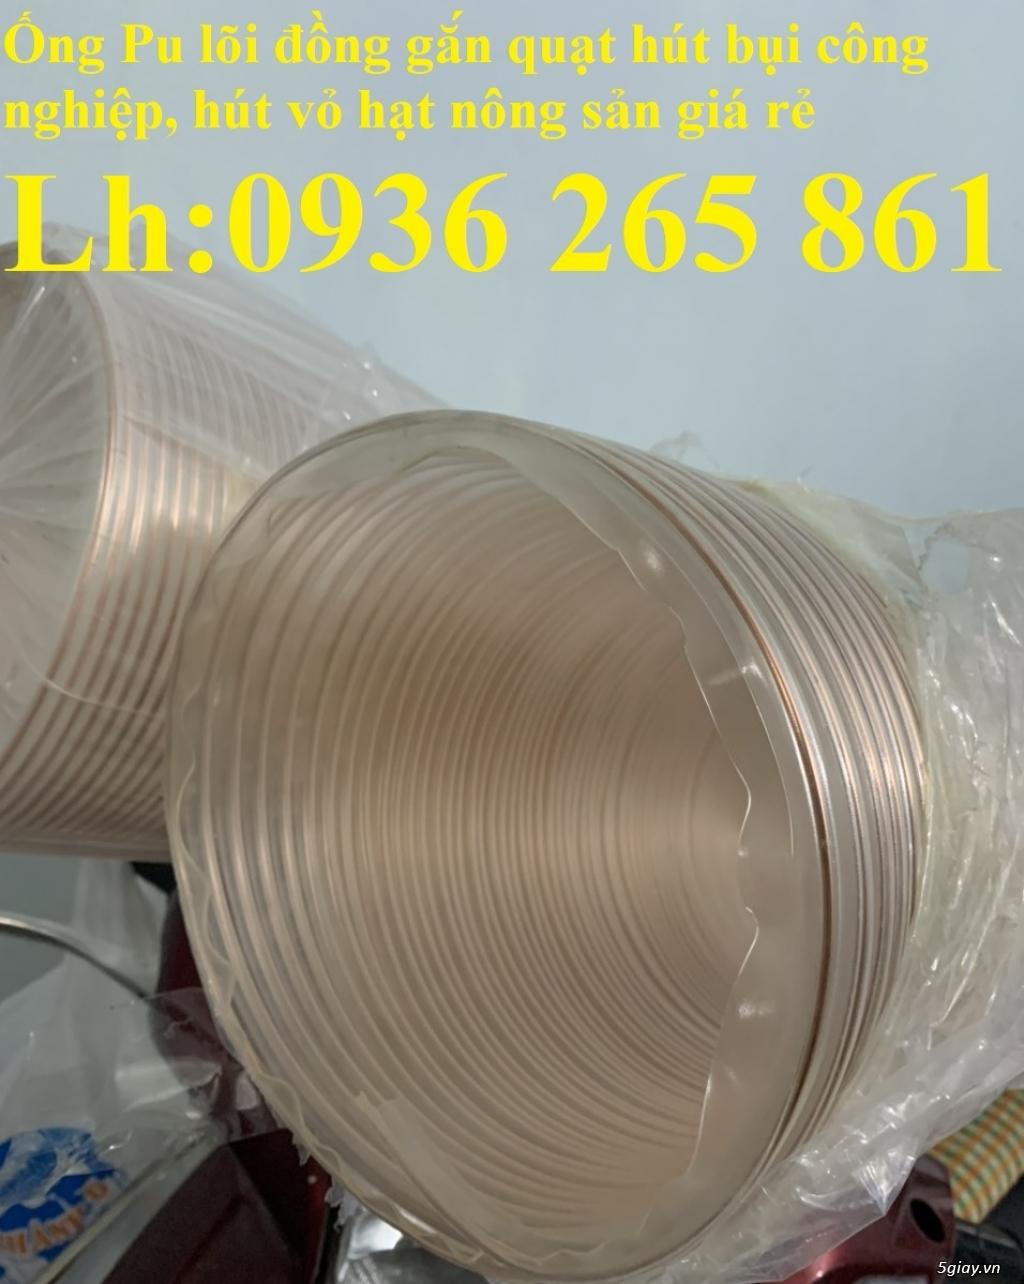 Giá ống Pu mềm lò xo lõi đồng phi120 lắp quạt hút bụi - 1